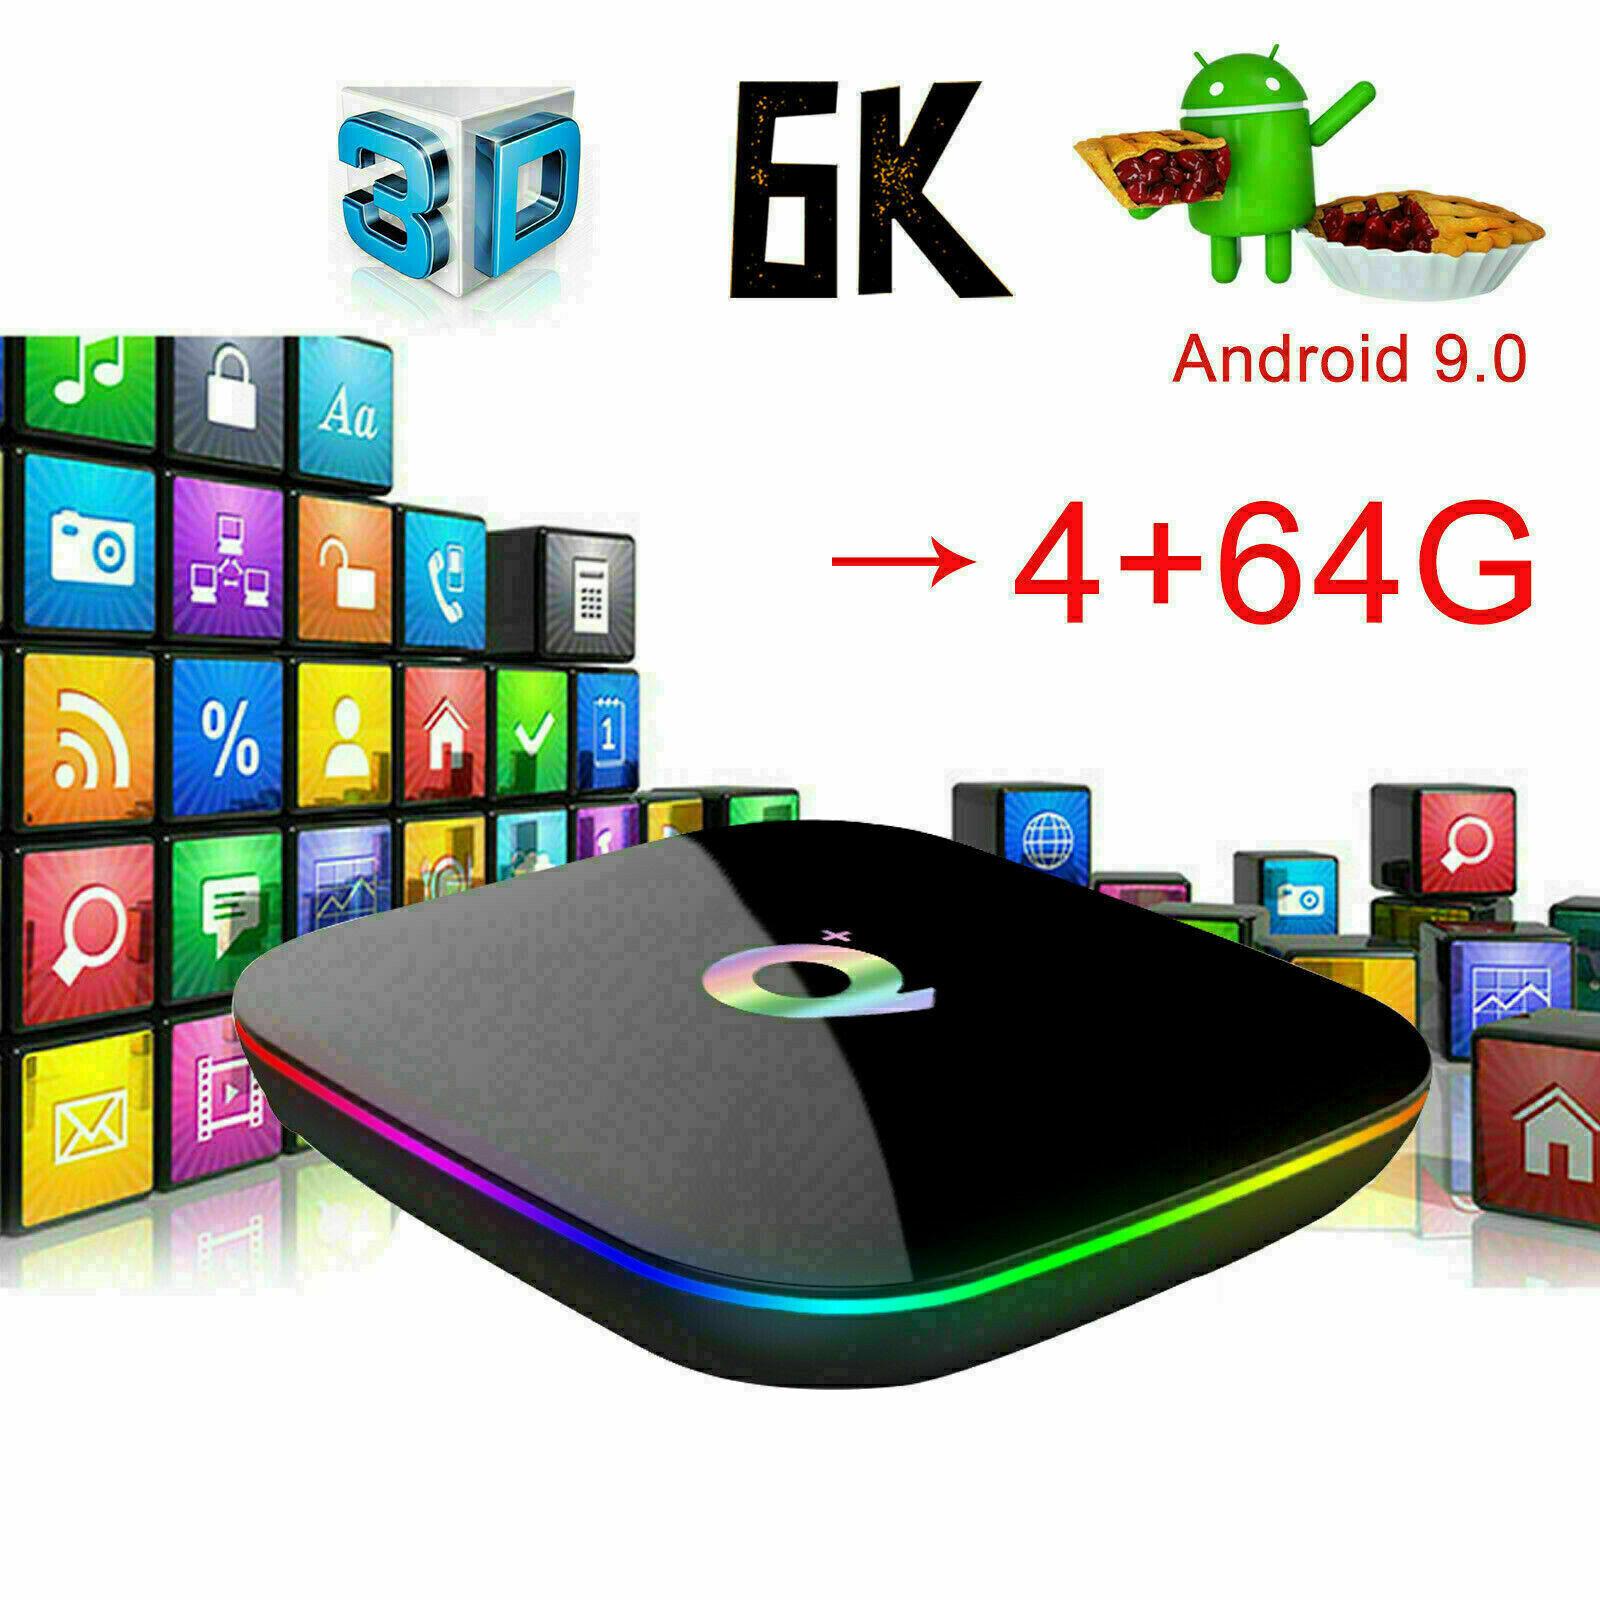 2019 6K Q plus 4+64GB Android 9.0 Pie Quad Core Smart TV Box